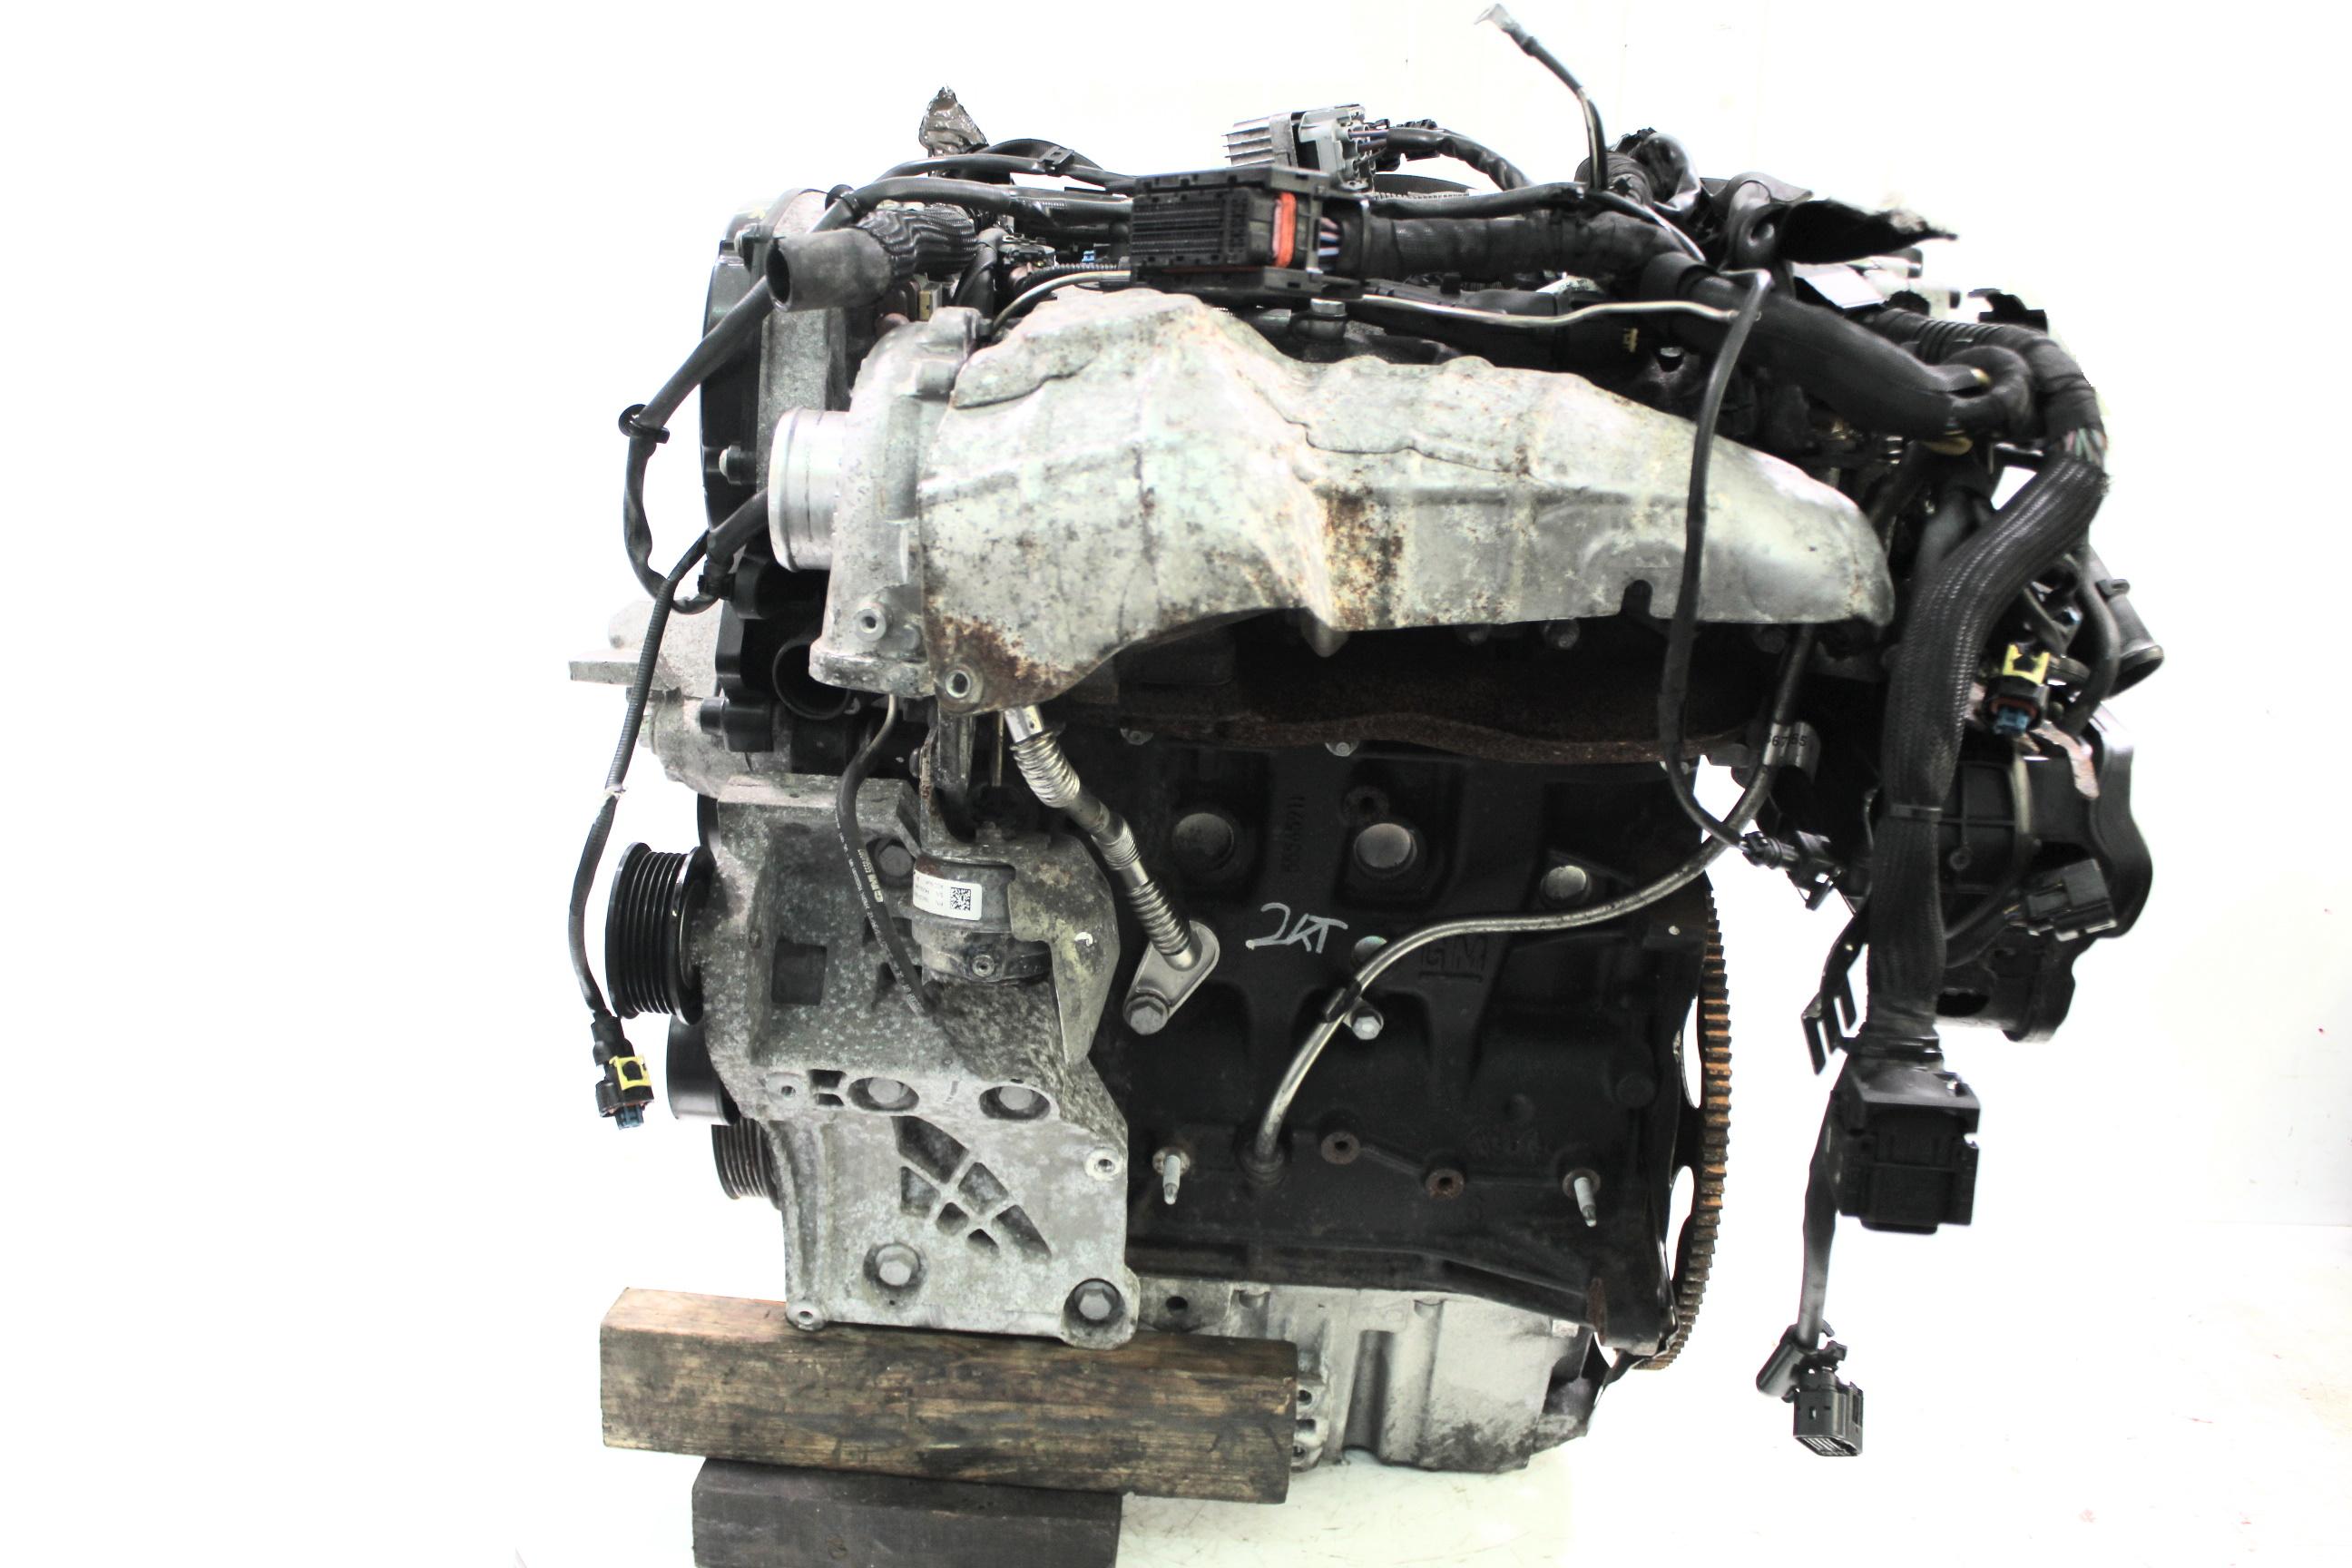 Motor 2012 Opel Zafira C 2,0 CDTi Diesel A20 A20DTH 165 PS mit Anbauteilen